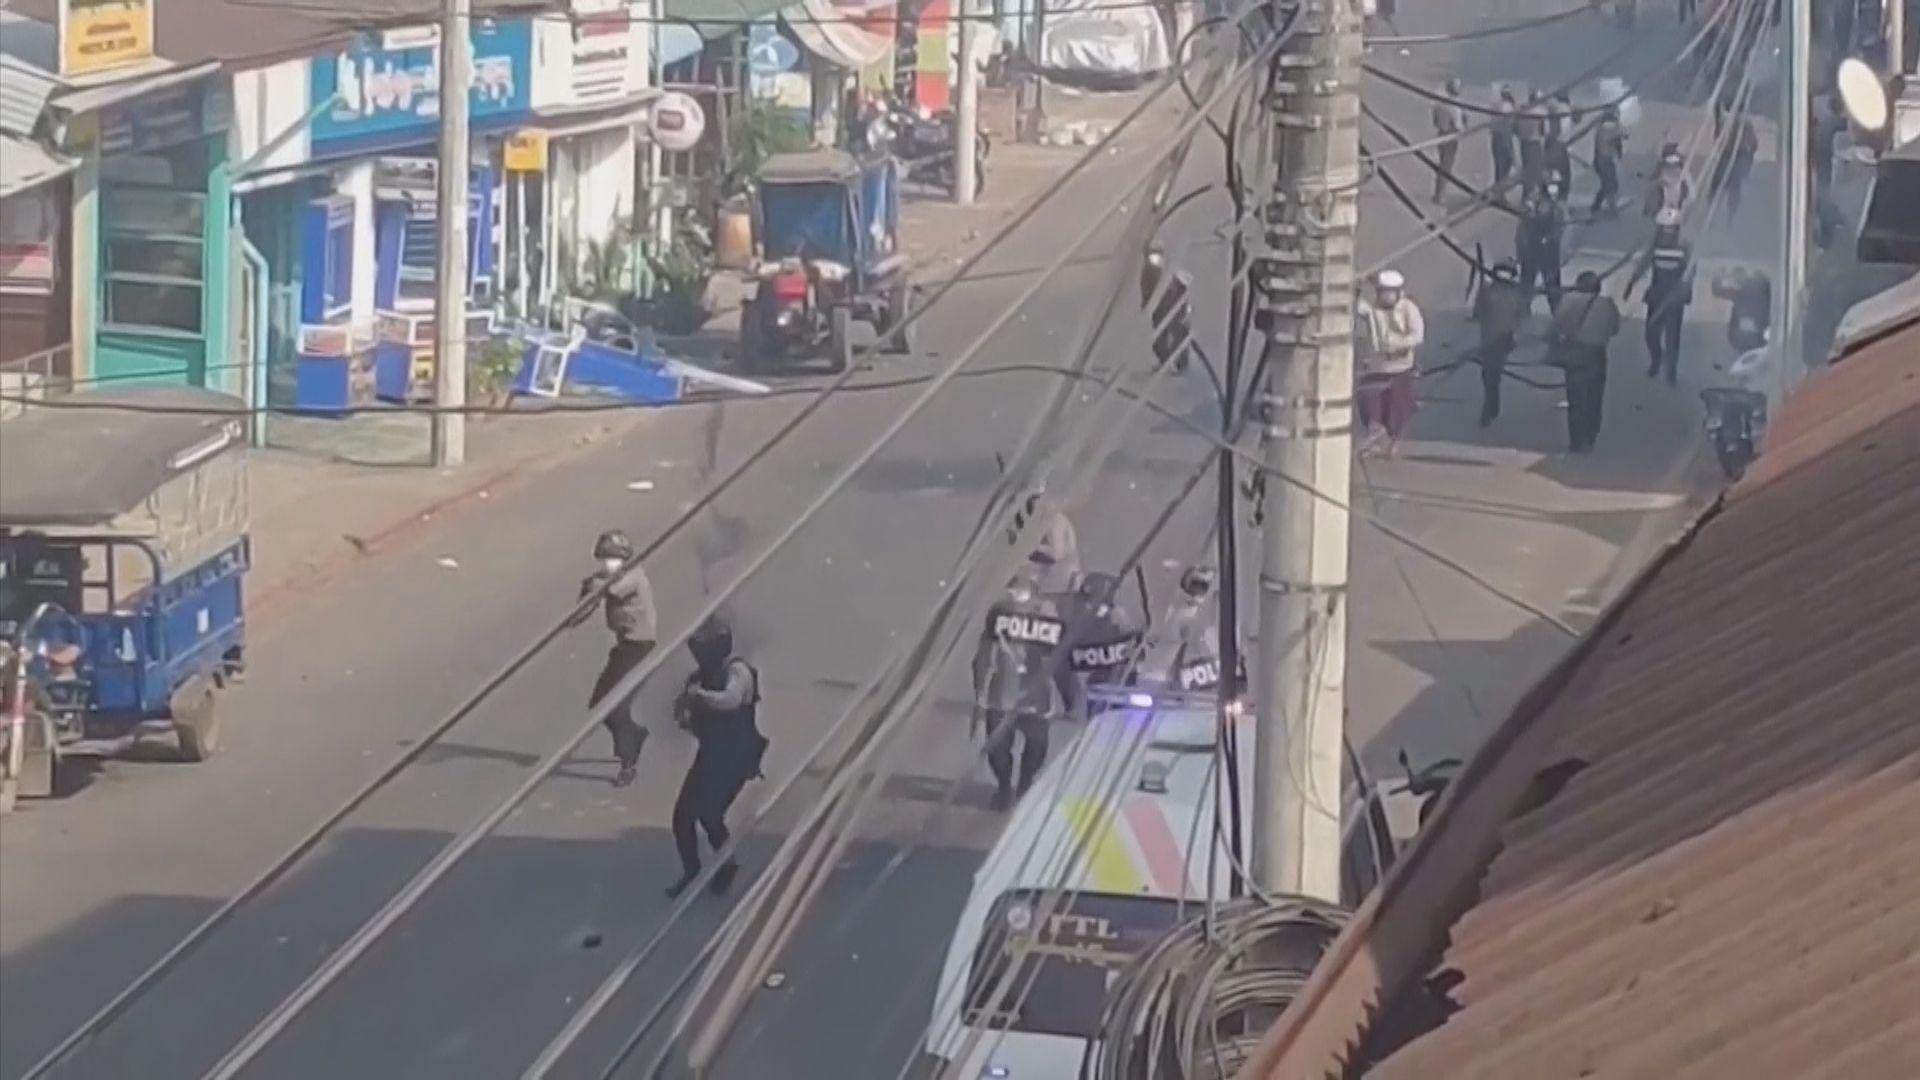 聯合國及美國譴責緬甸軍警暴力鎮壓示威